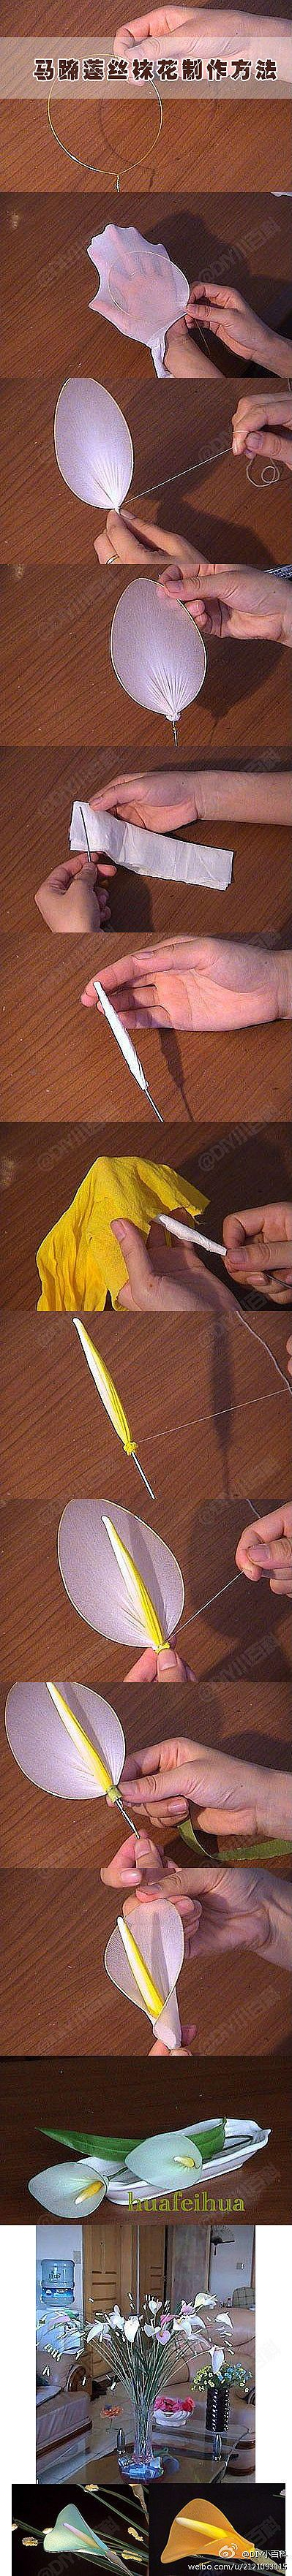 手工DIY 马蹄莲丝袜花制作的材料环保简单,是很好…